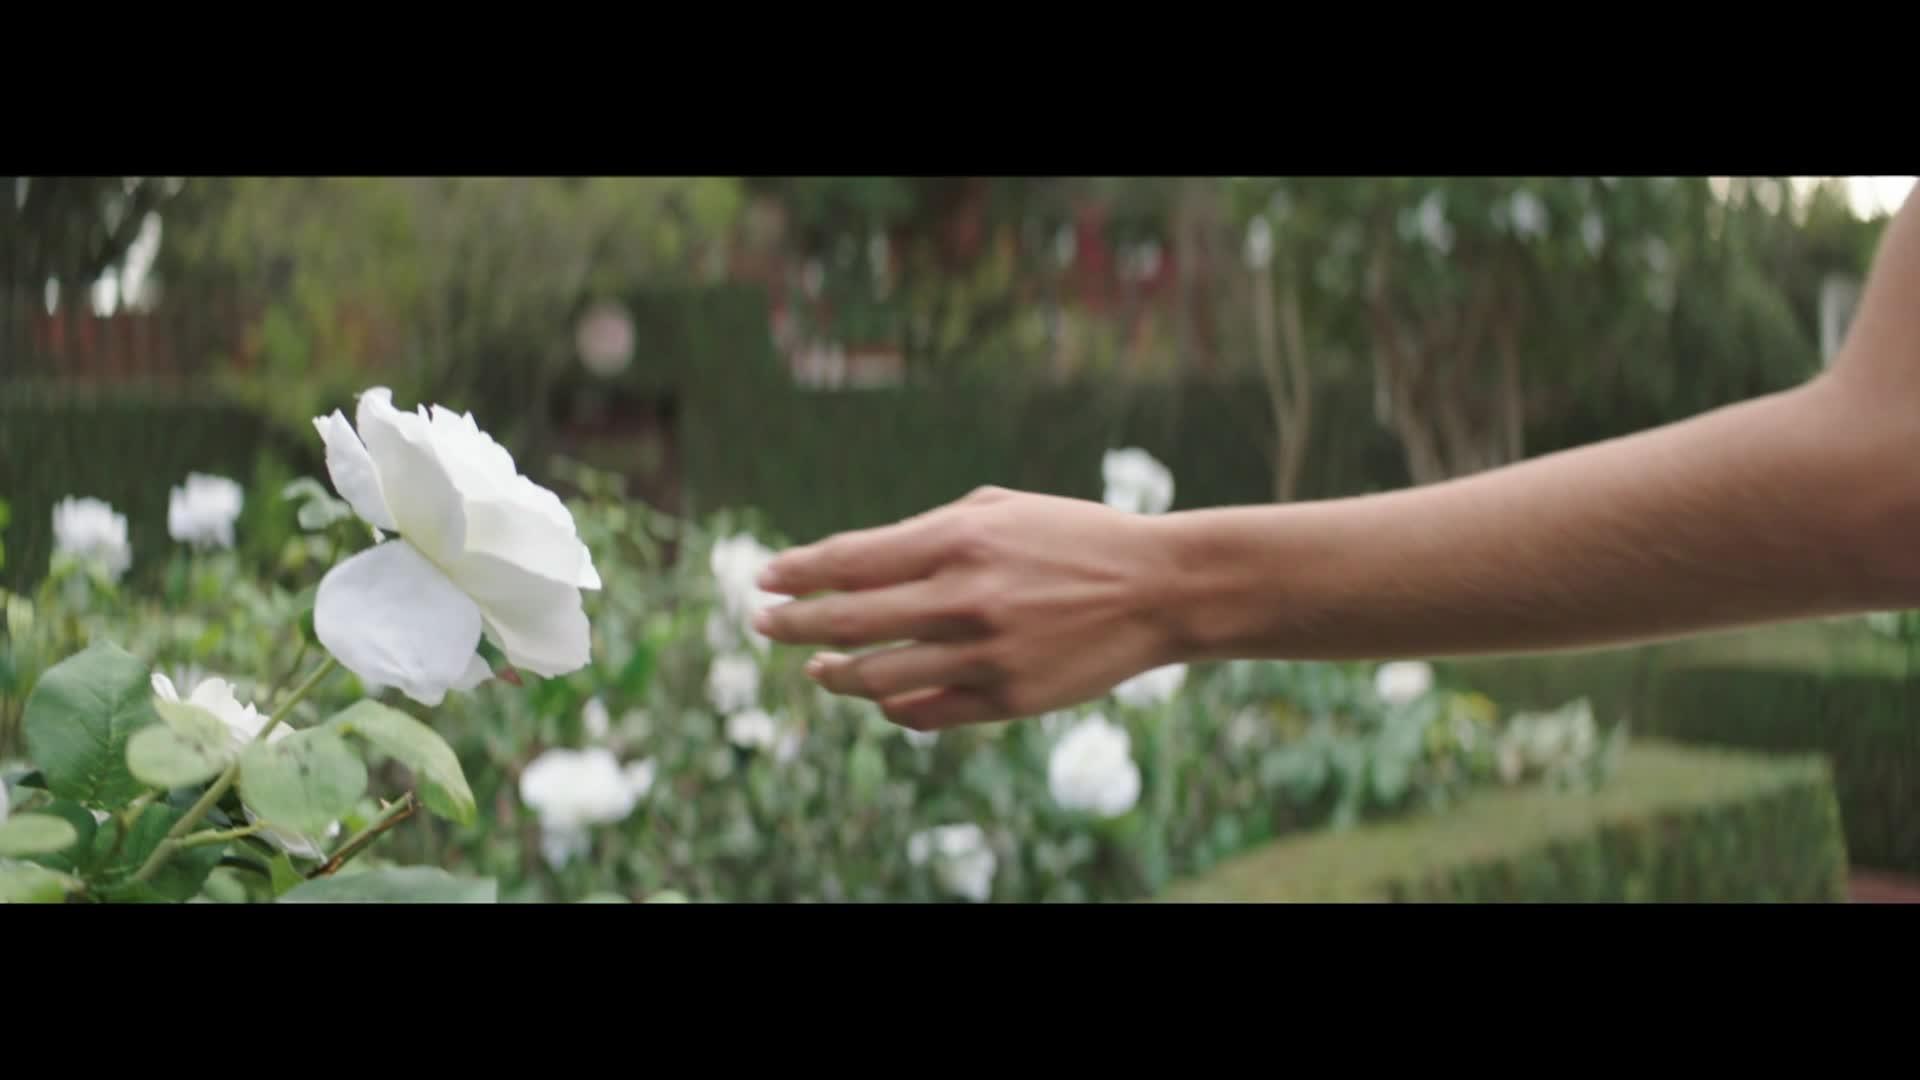 Tini: El gran cambio de Violetta - music video